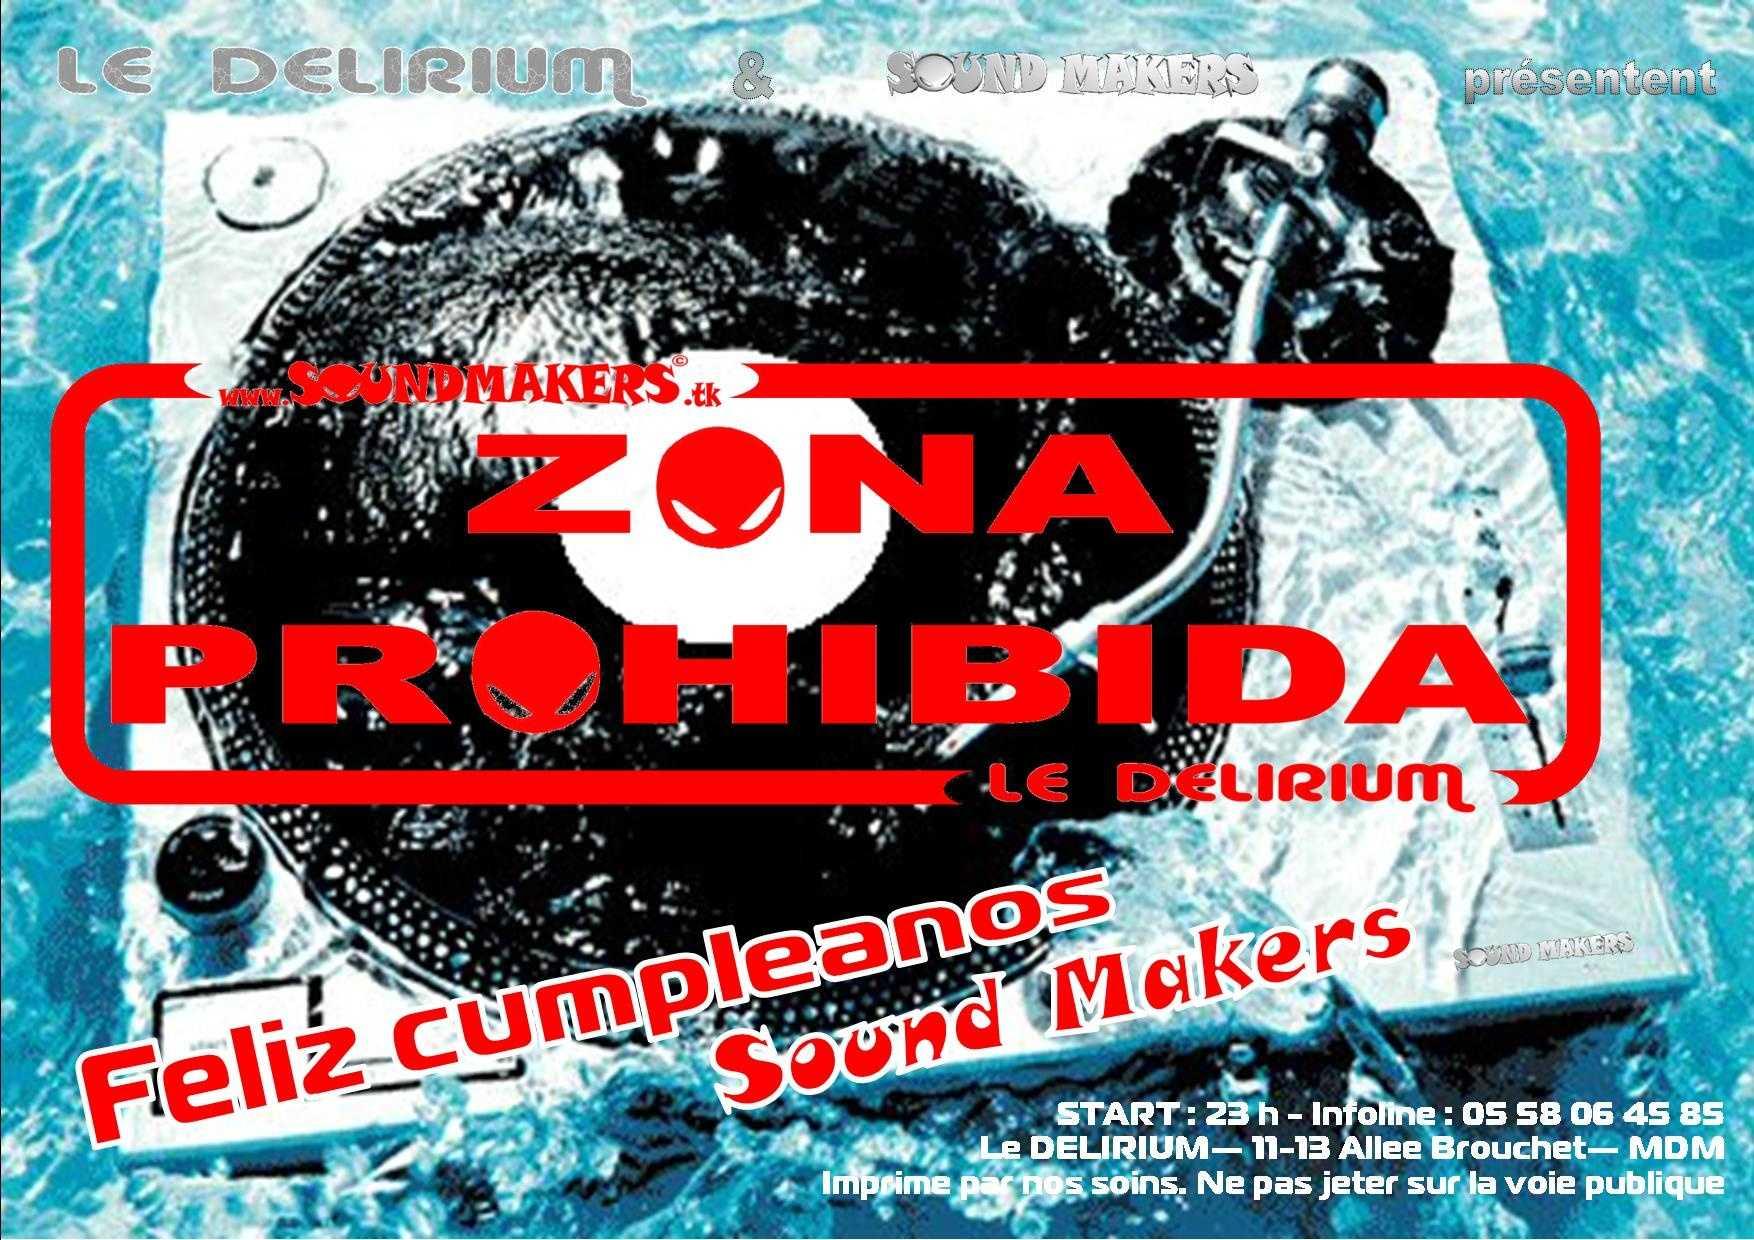 Dj MKL birthday @ Zona Prohibida